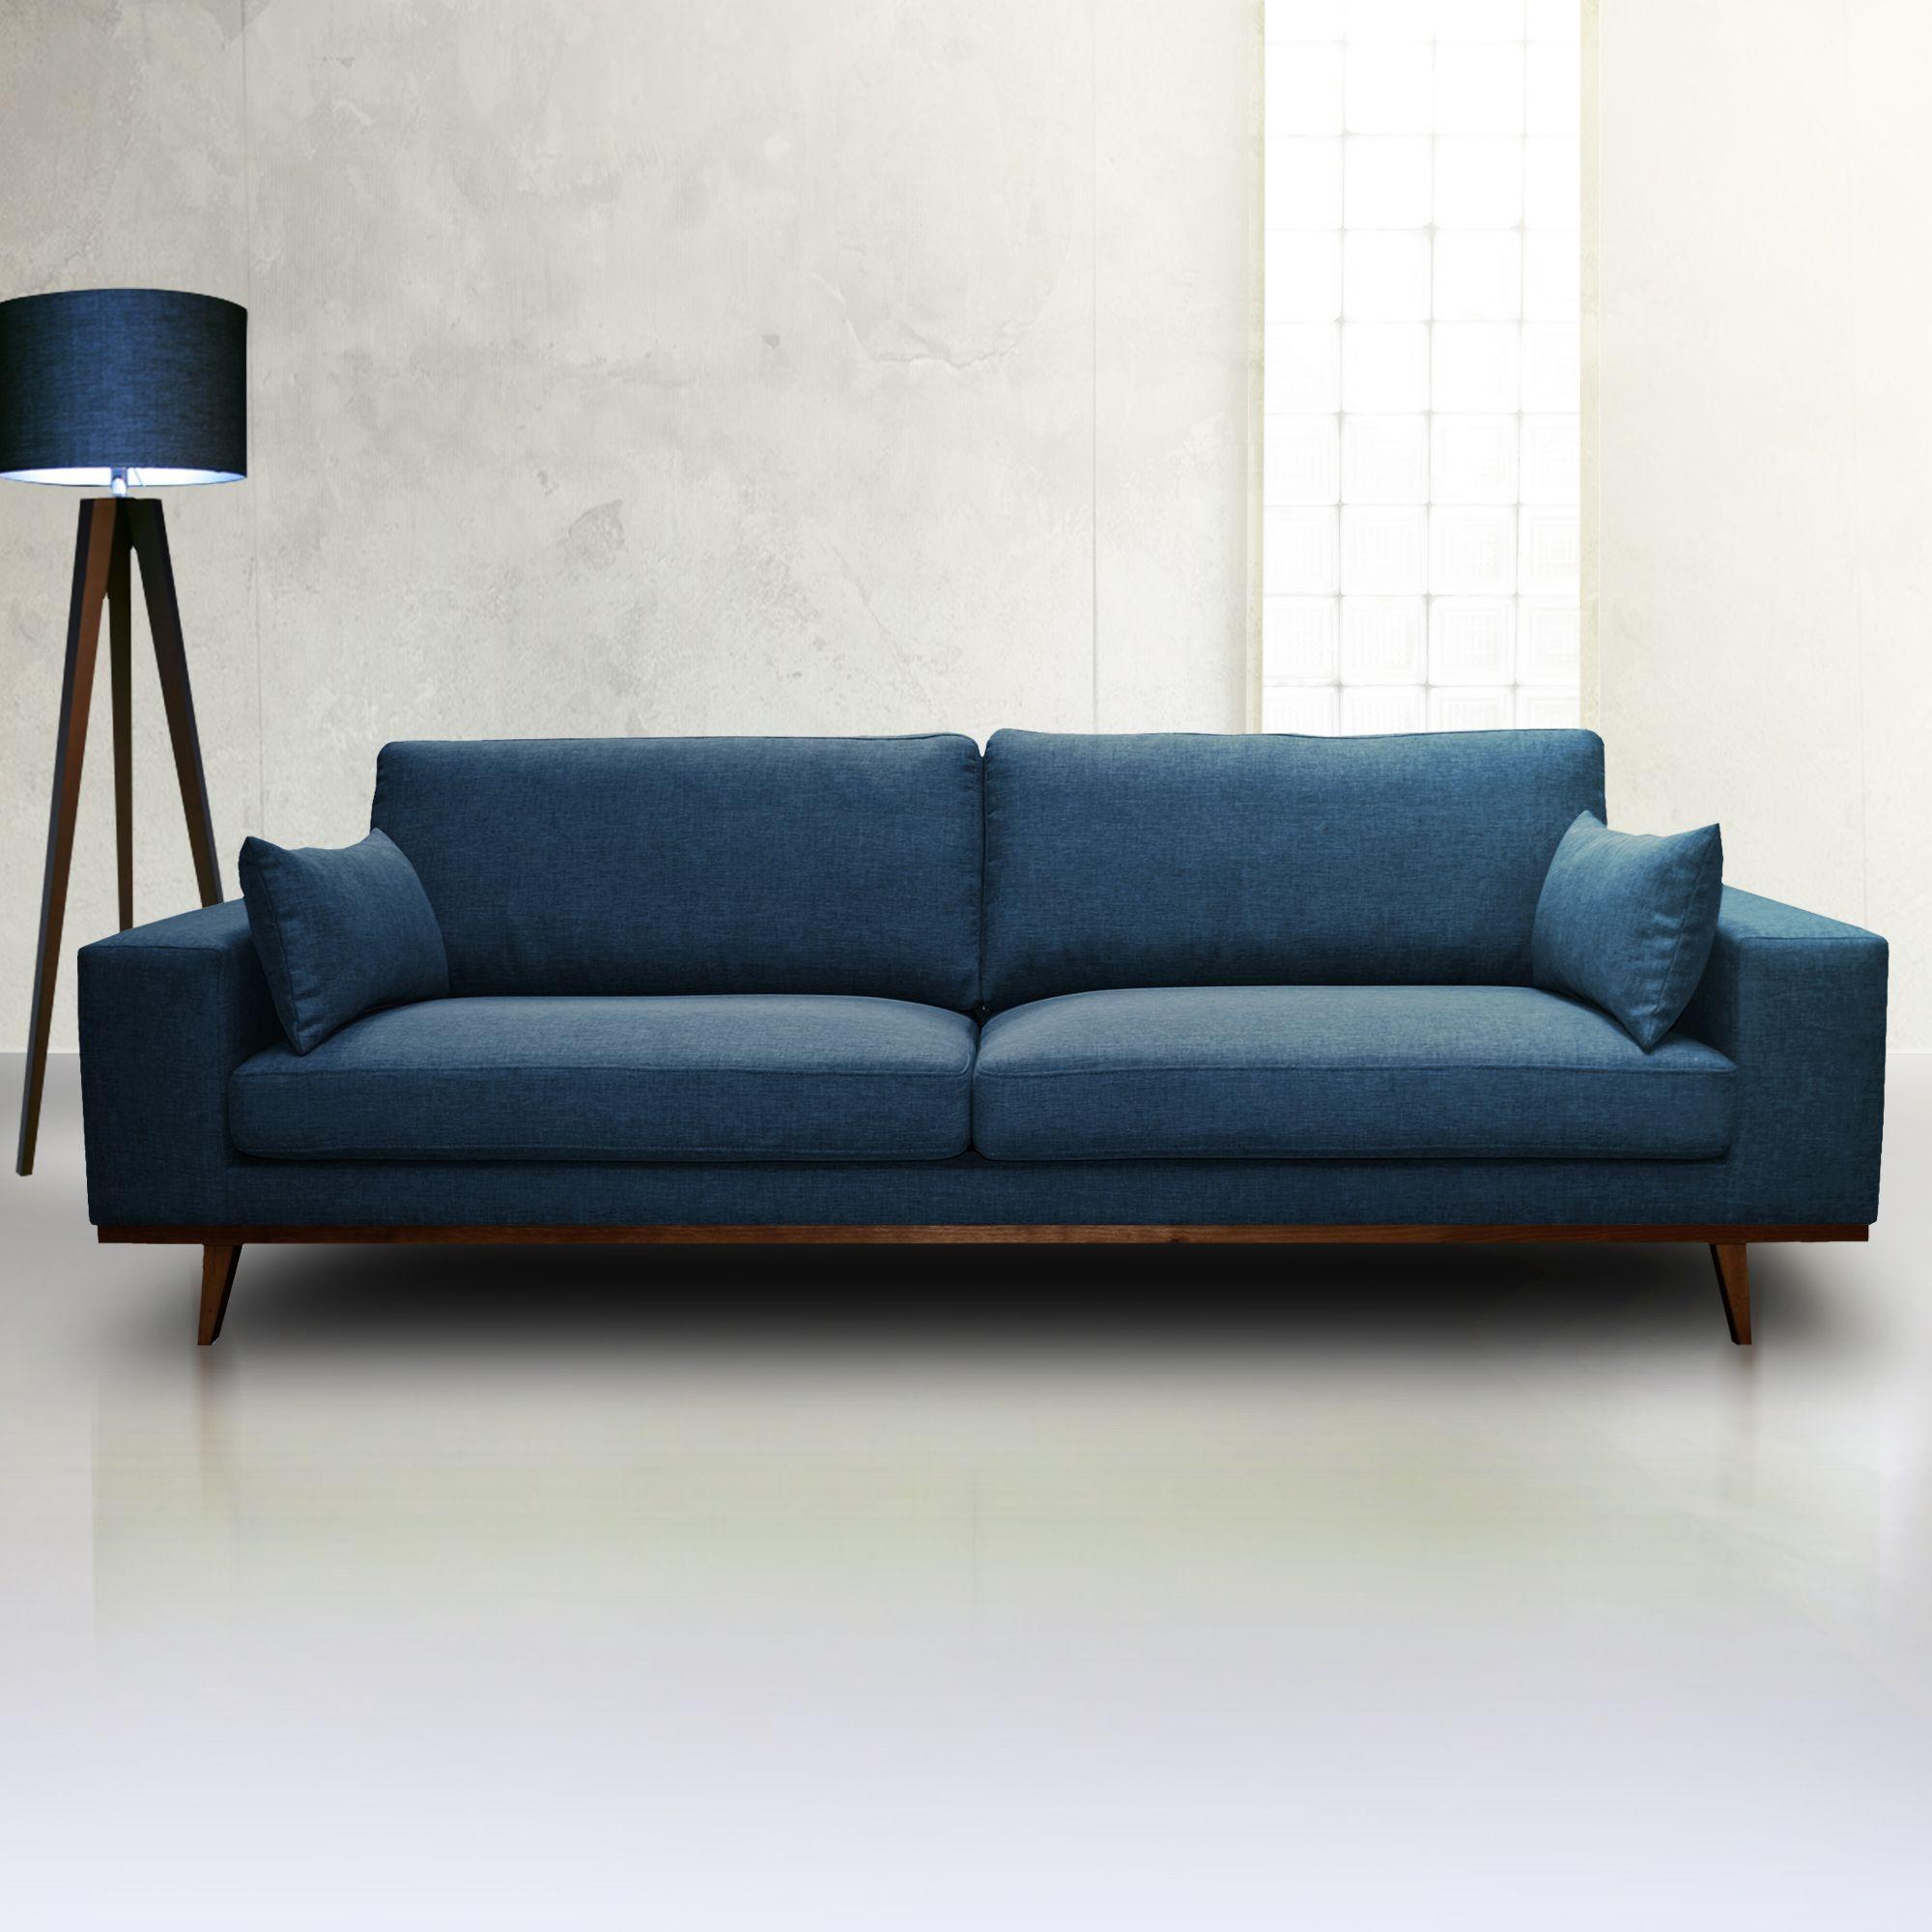 Canapé Lit 2 Places Ikea Unique Photos Lit Armoire Canapé Beautiful Canap En U Convertible 12 Full Canape D